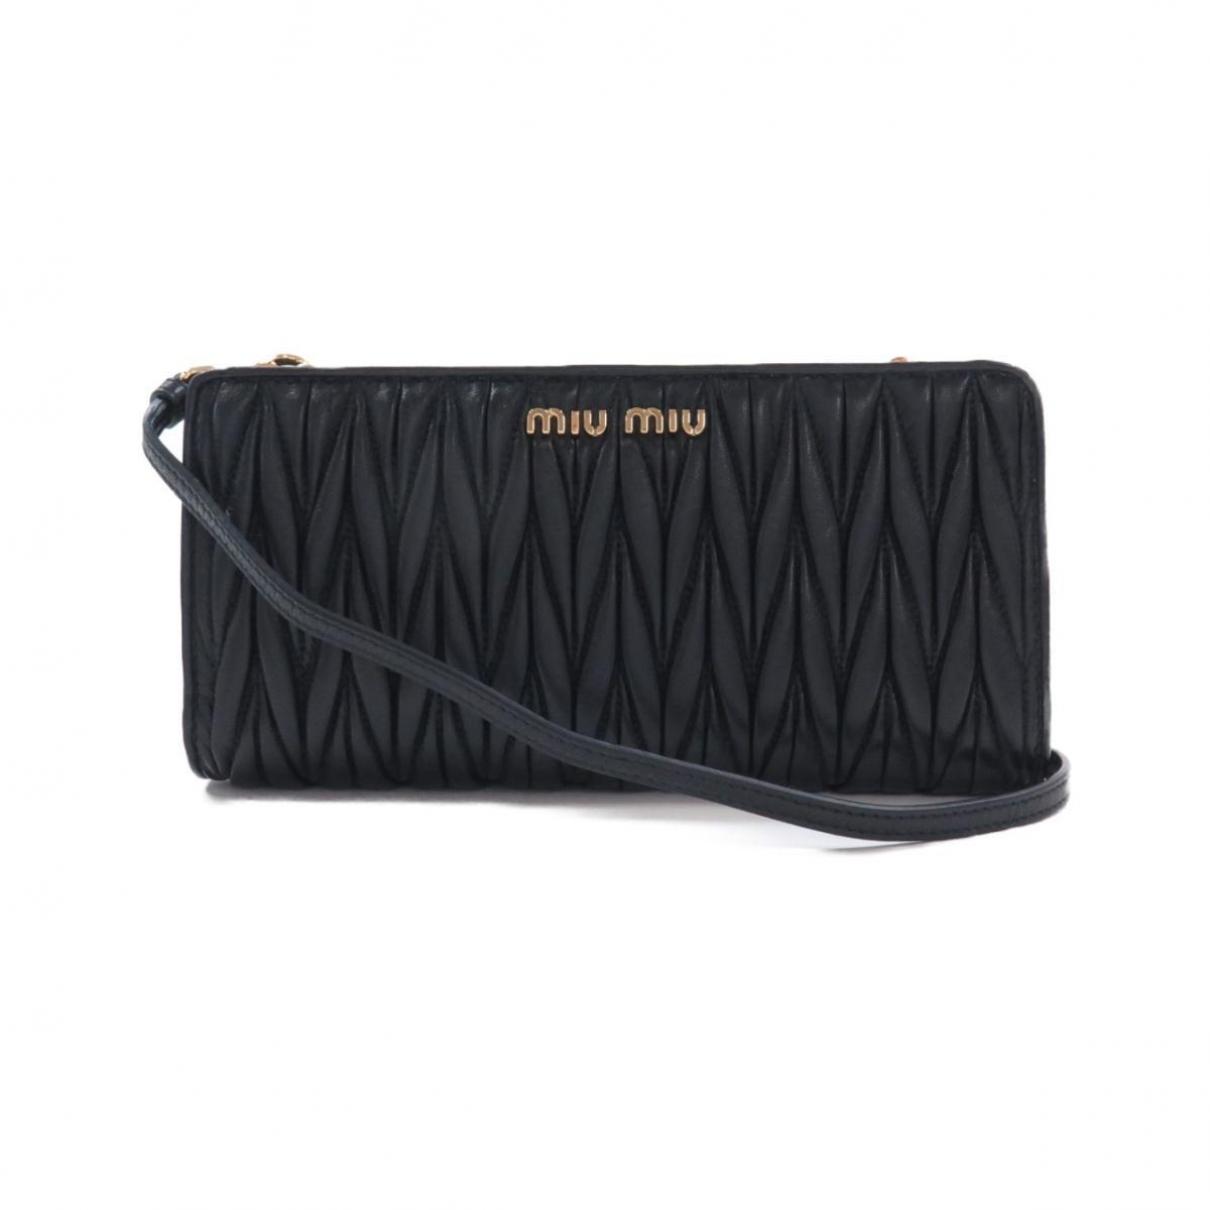 Miu Miu \N Black Leather Clutch bag for Women \N